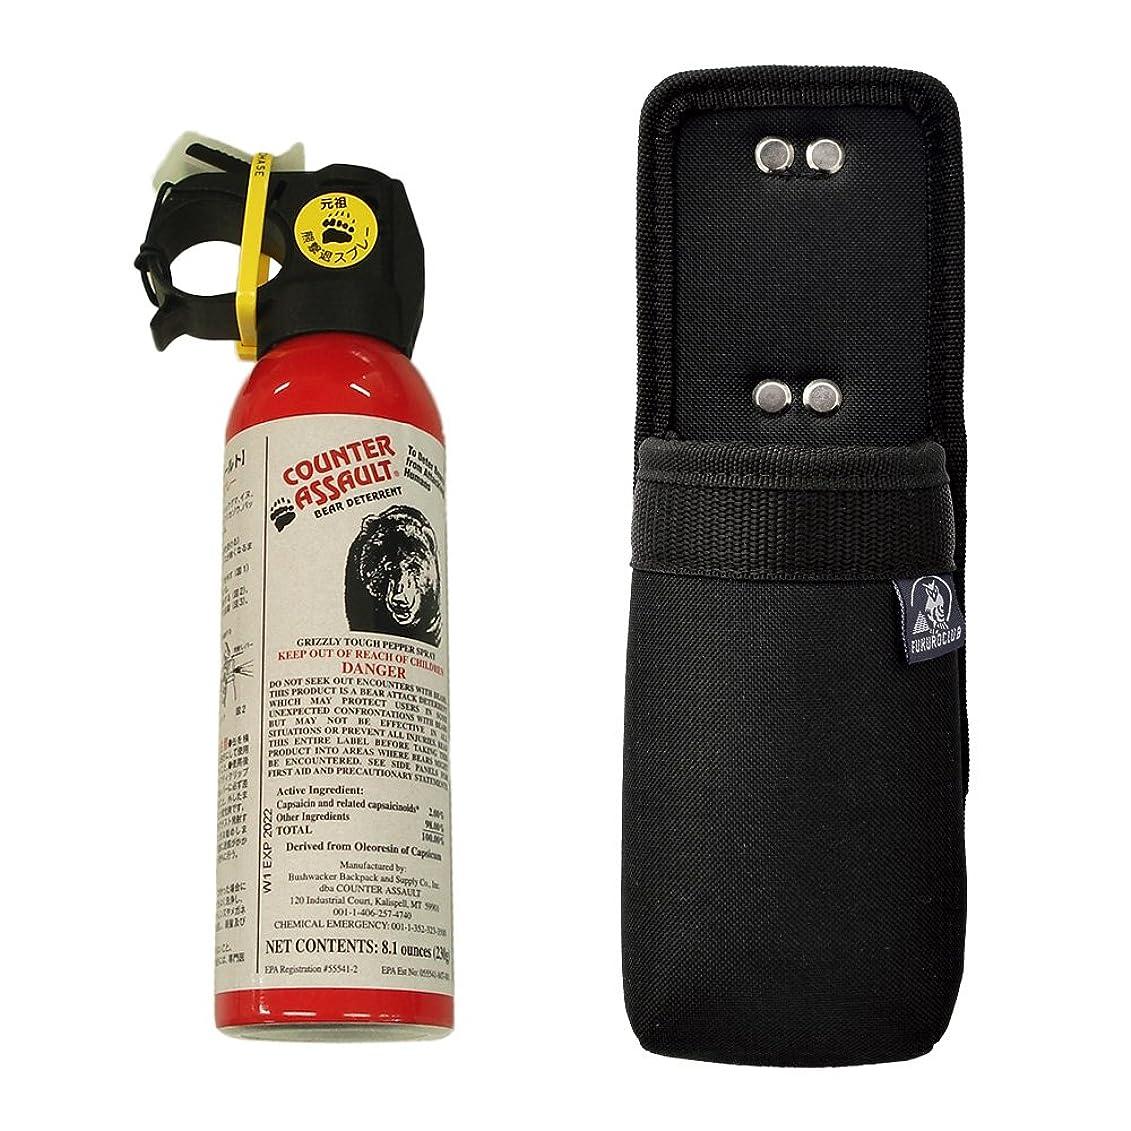 眉宣教師虚偽熊撃退スプレー カウンターアソールト230g ボトルホルダーセット 熊スプレー CA230&CP-500